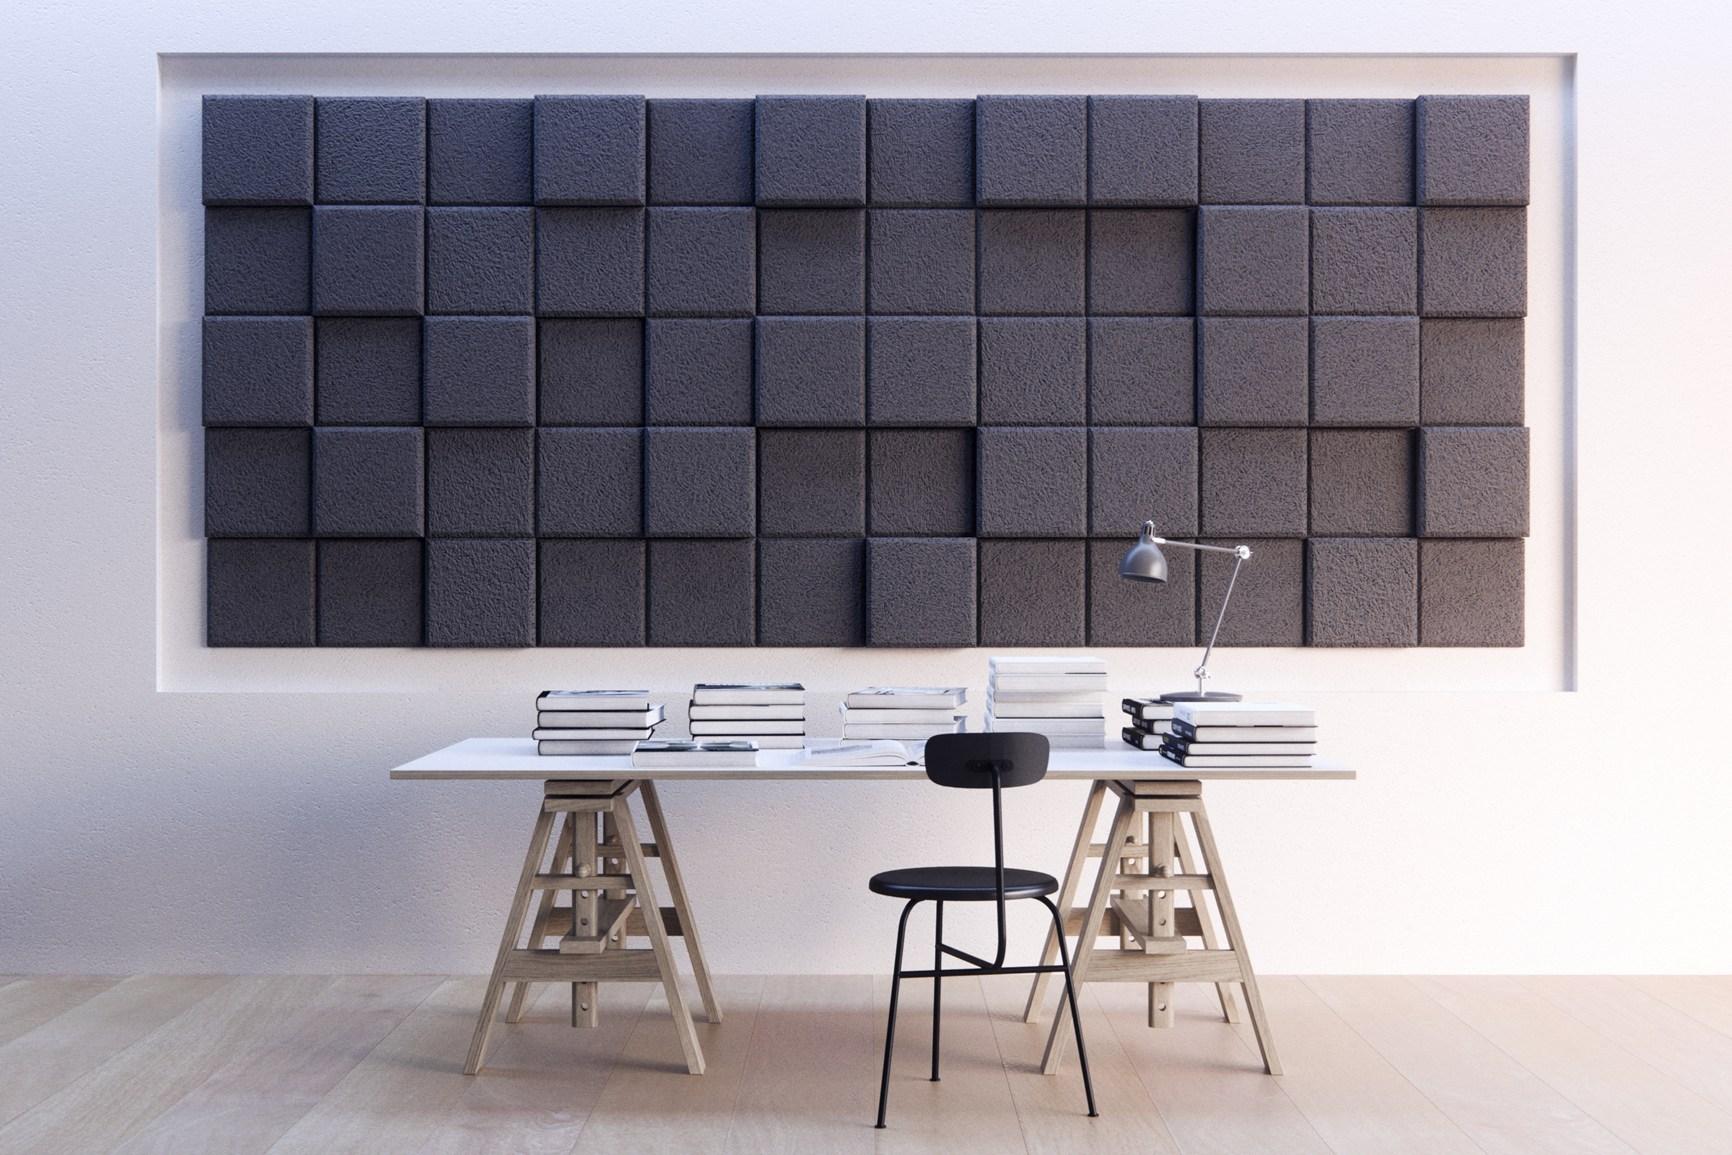 Aumentare il benessere in casa con i nuovi pannelli fonoassorbenti bioecogeo - Pannelli fonoassorbenti decorativi ...